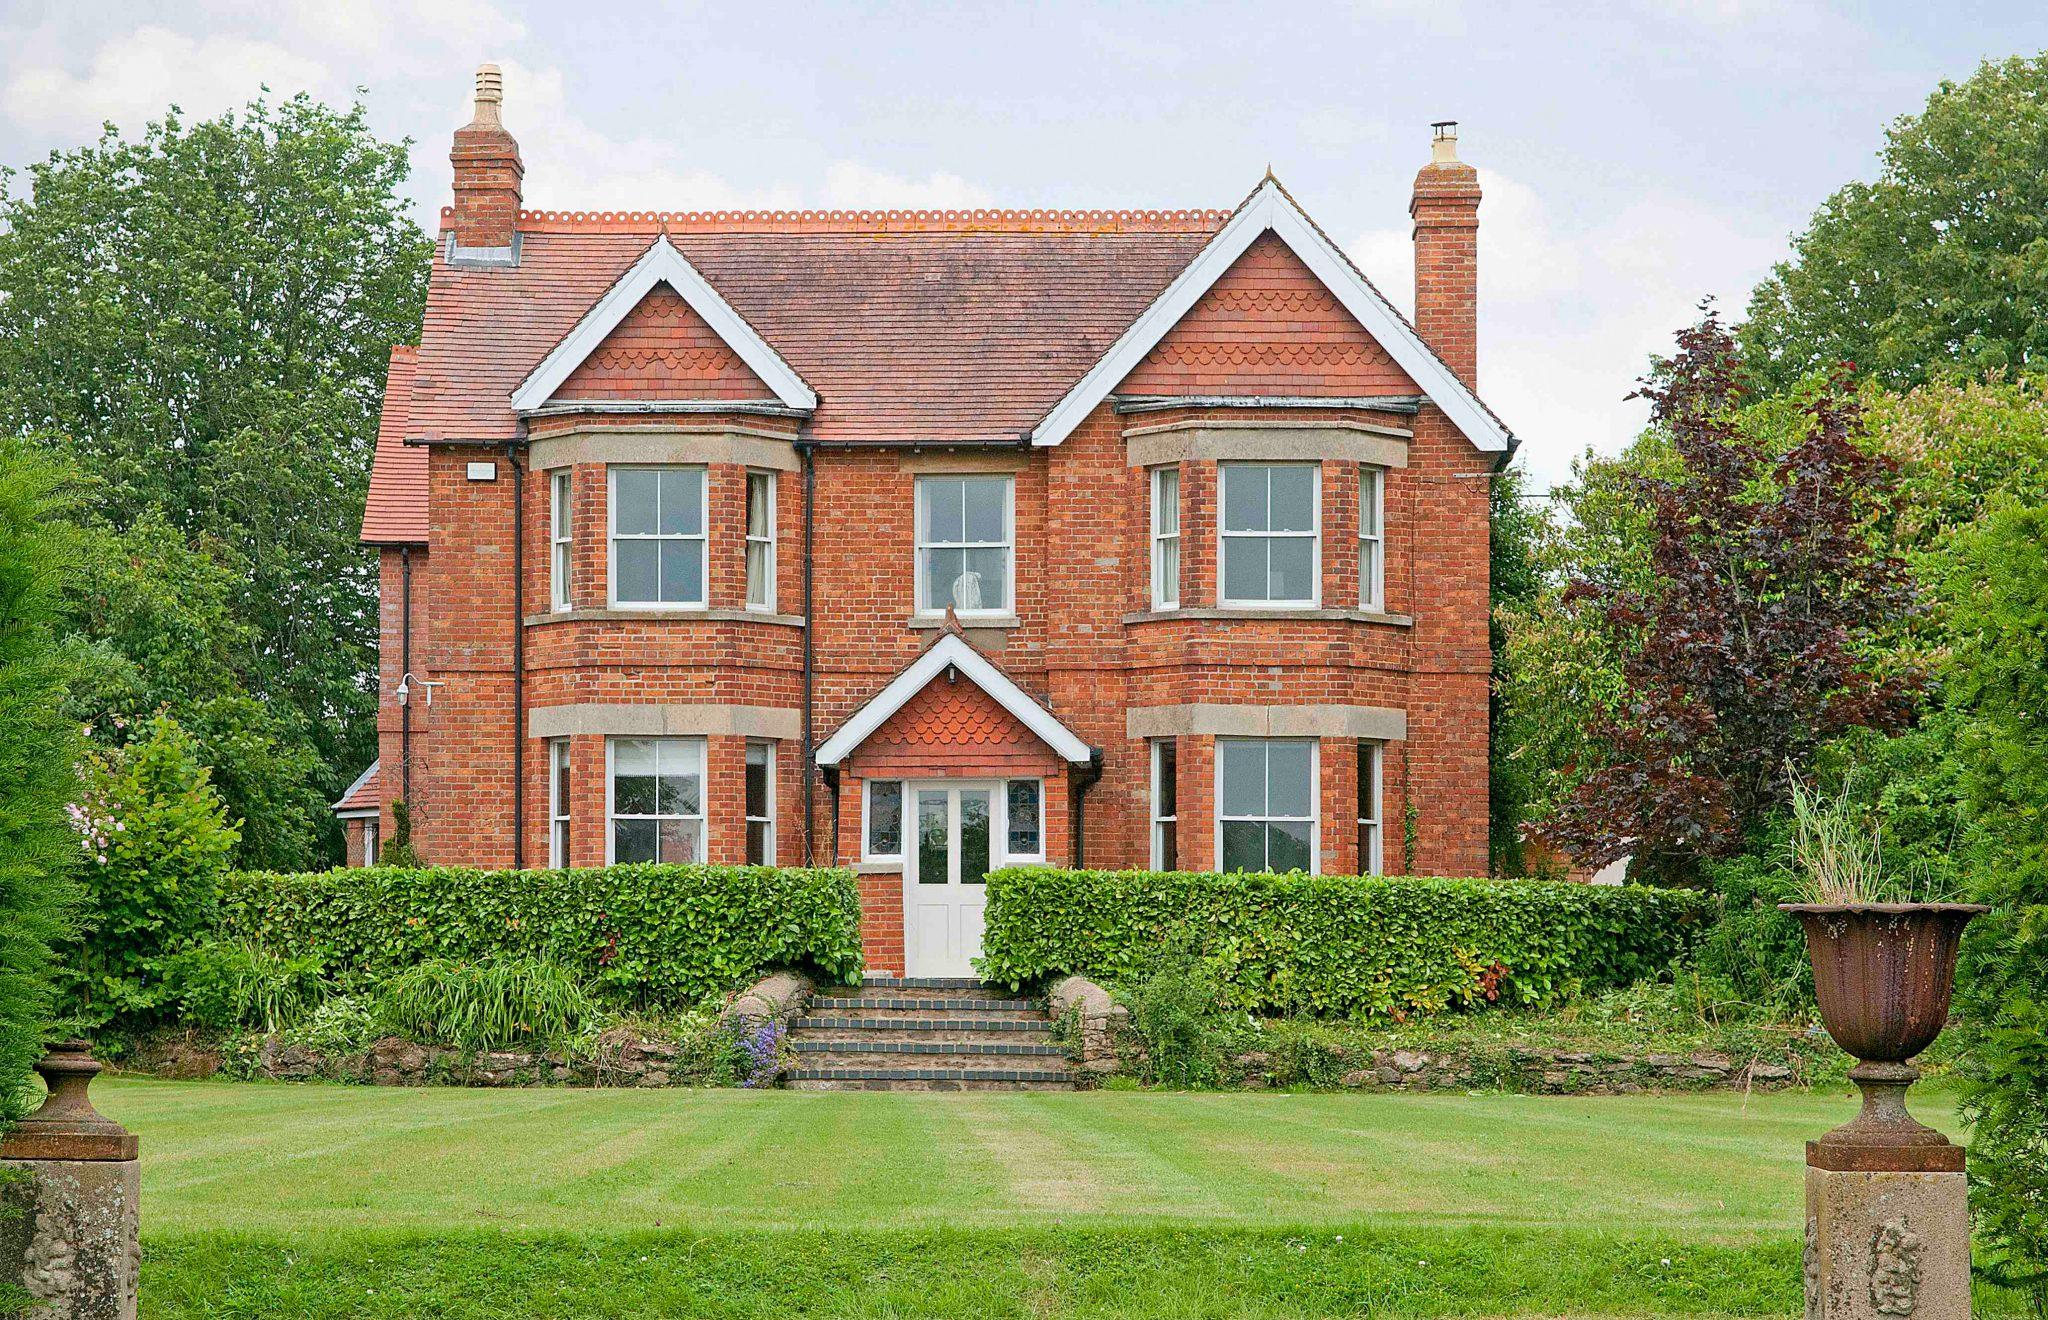 بالصور واجهات منازل , اجمل تصميمات لواجهات منازل جميلة 5926 5